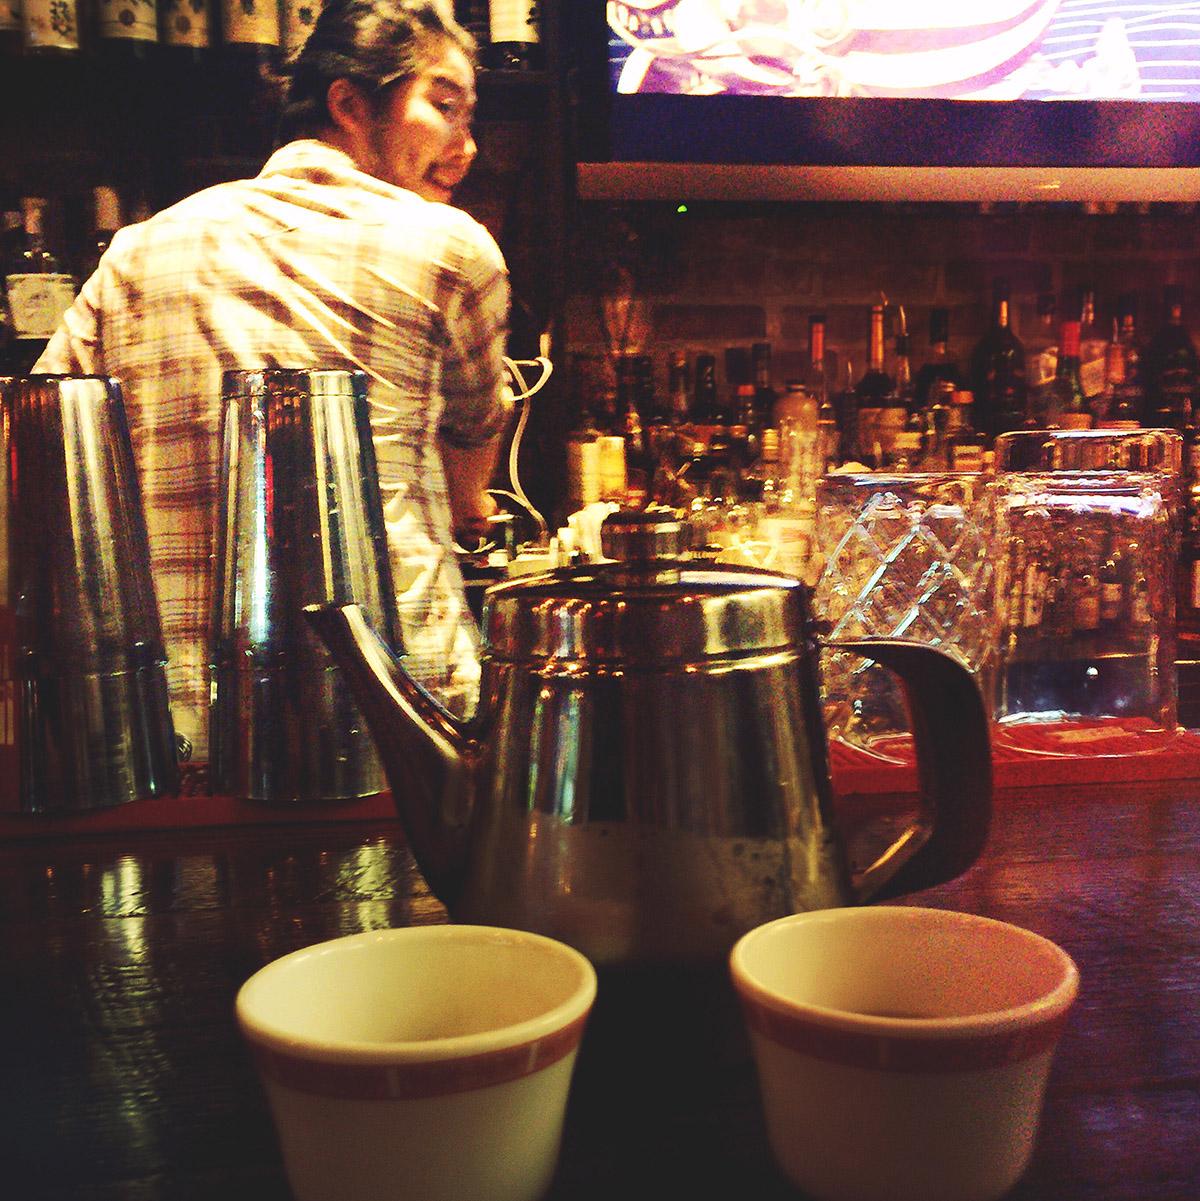 Cold Tea for 2 at Shojo